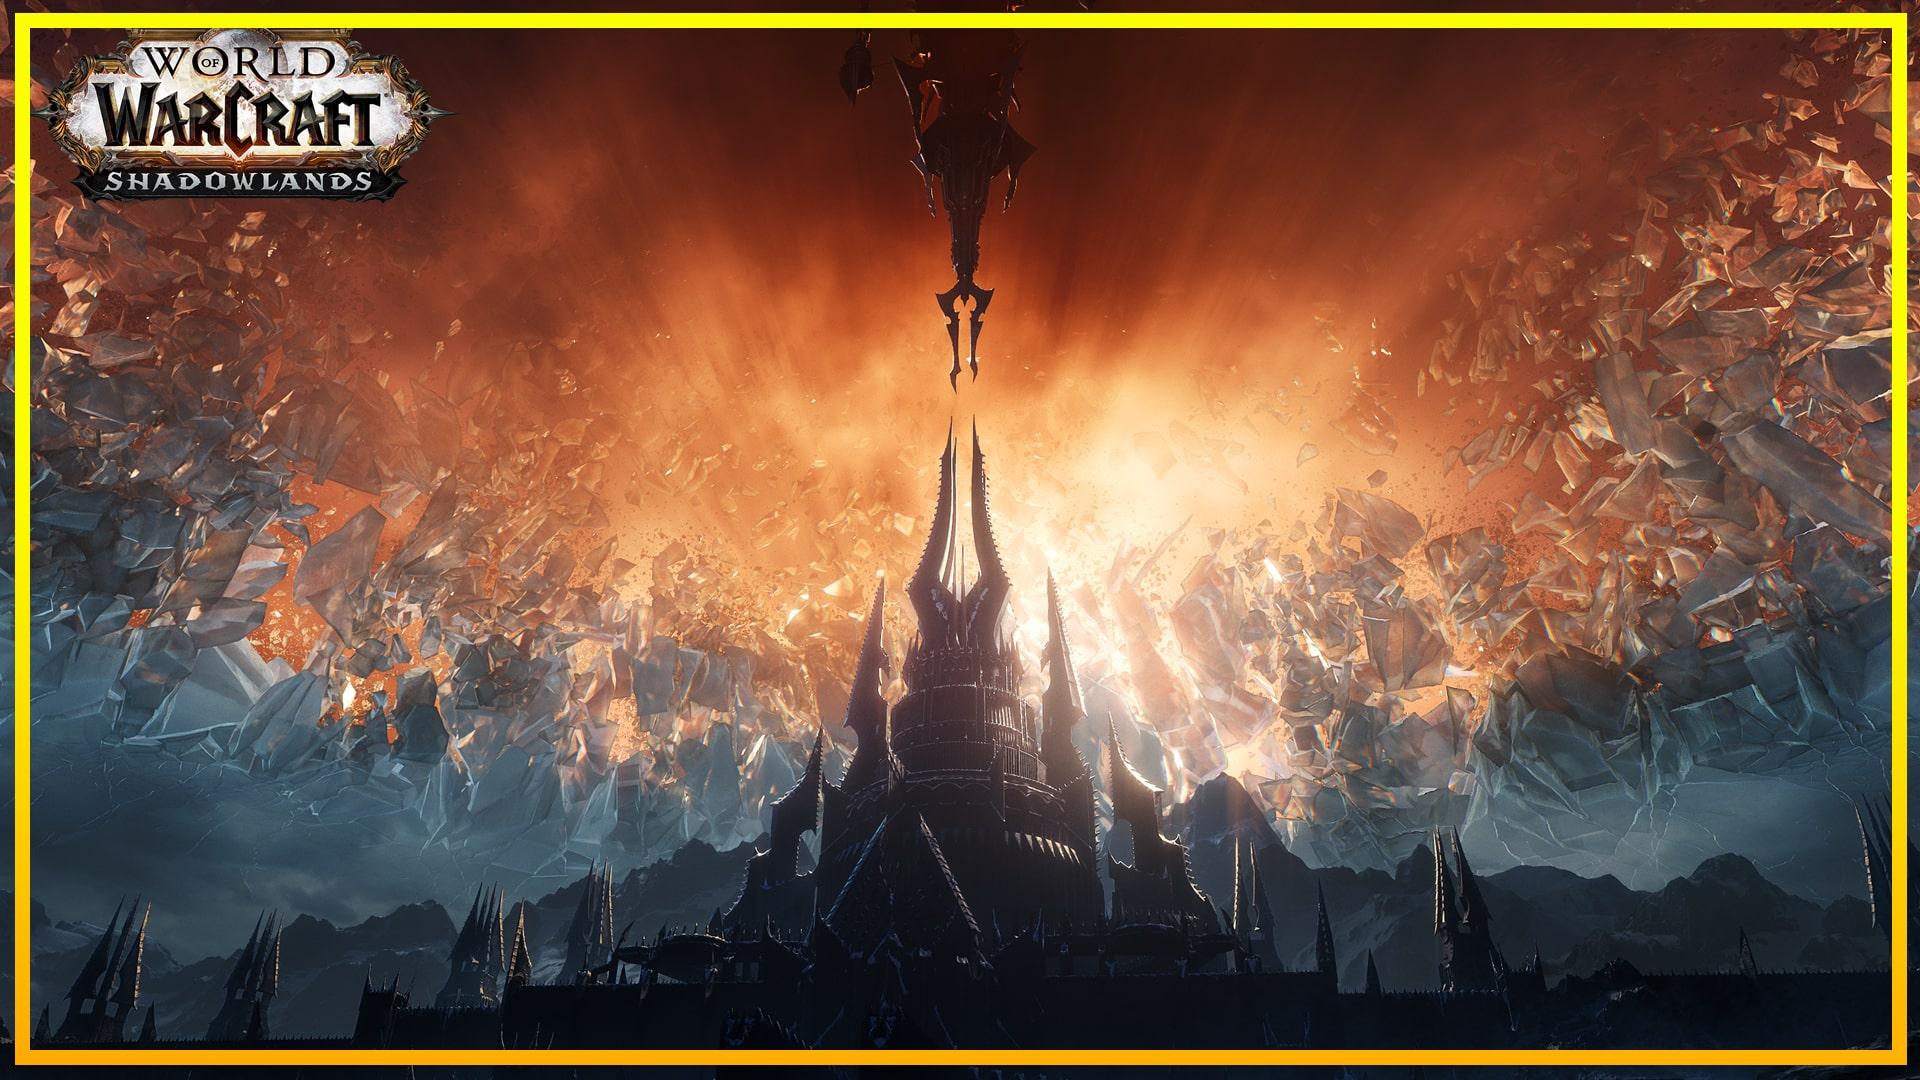 Fondo De Pantalla De World Of Warcraft Shadowlands En 4k